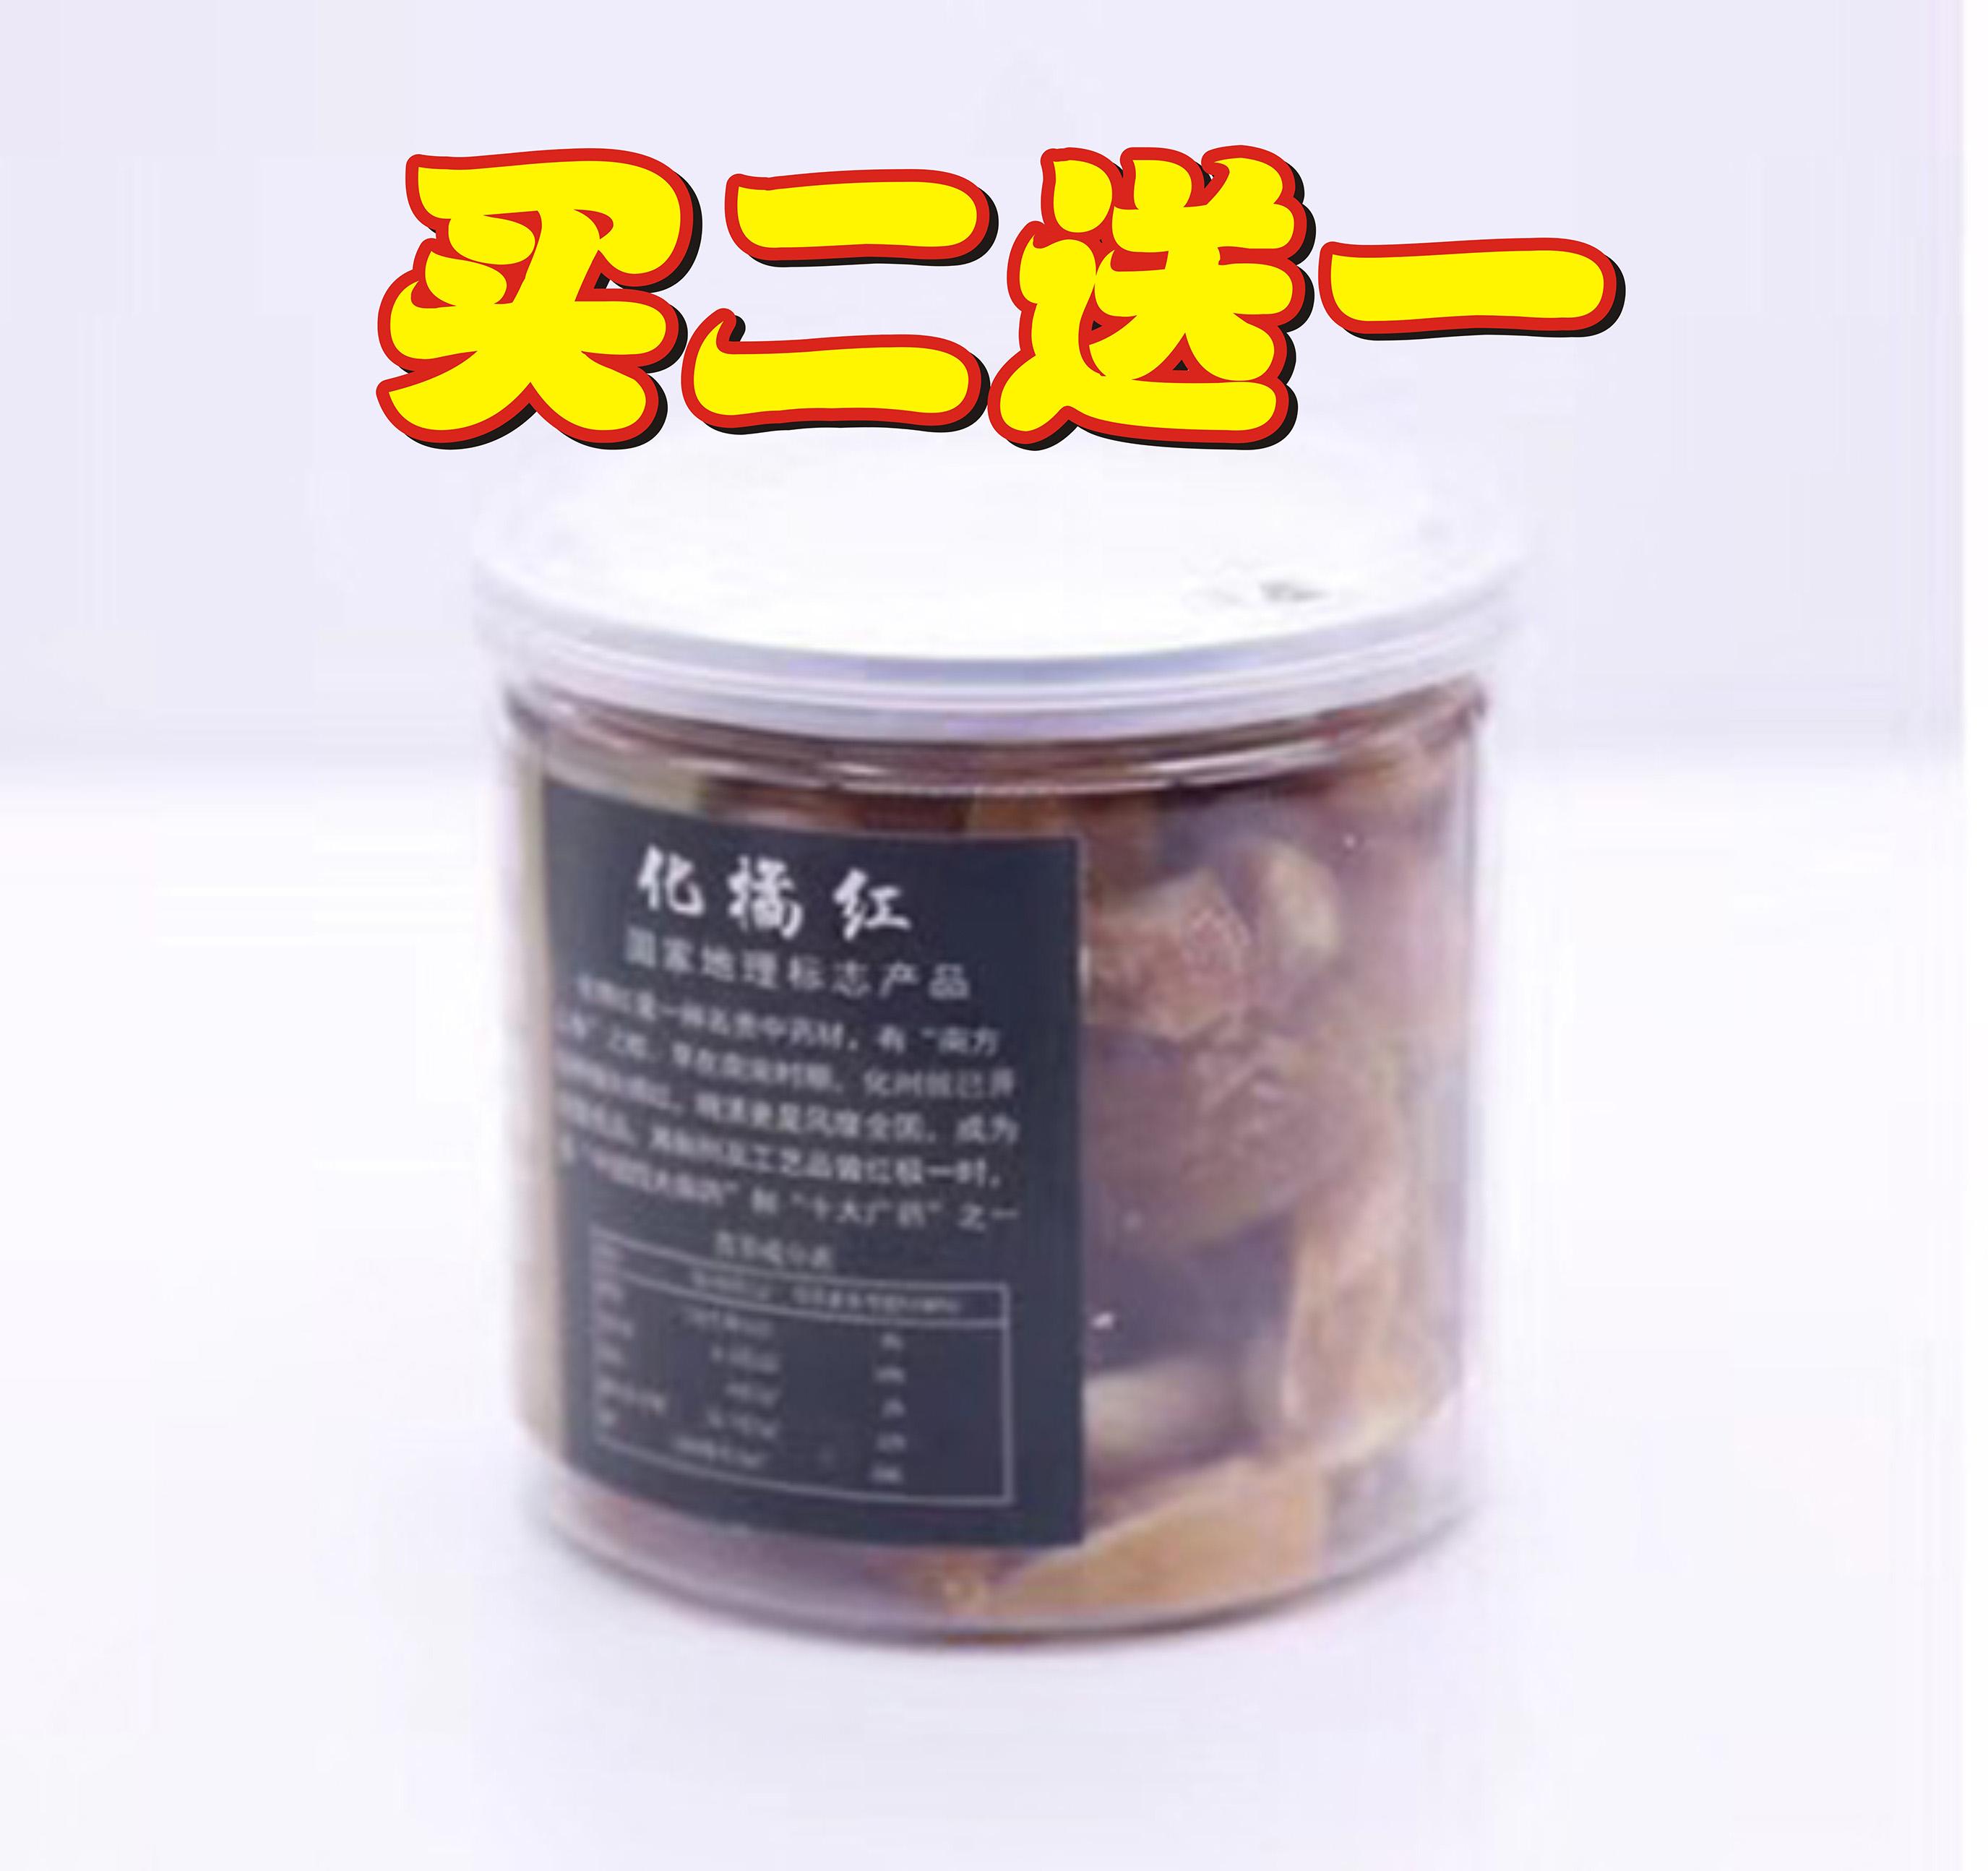 即食橘红 果脯零食  大人小孩最爱 蜂蜜药材腌制 活动价买二送一